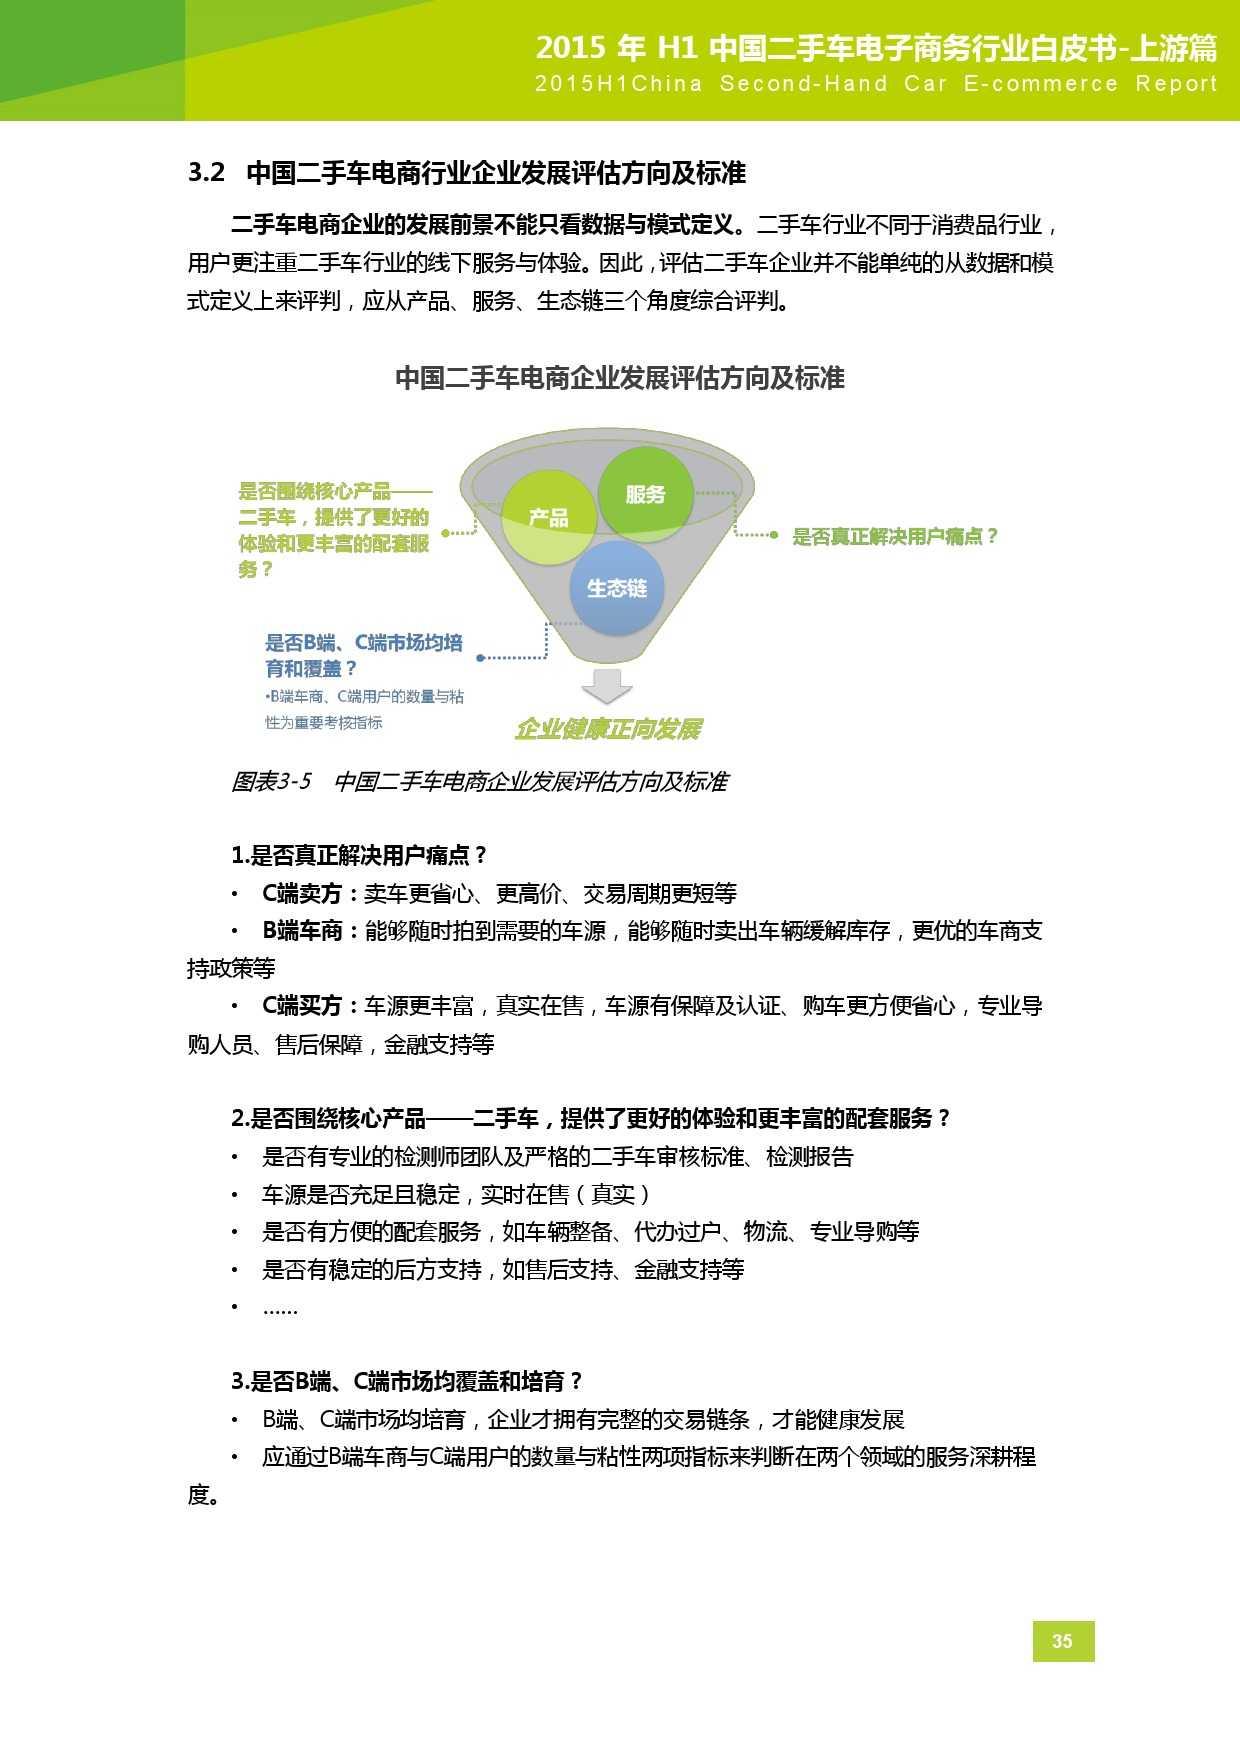 2015年中国二手车电子商务行业白皮书-上游篇_000036